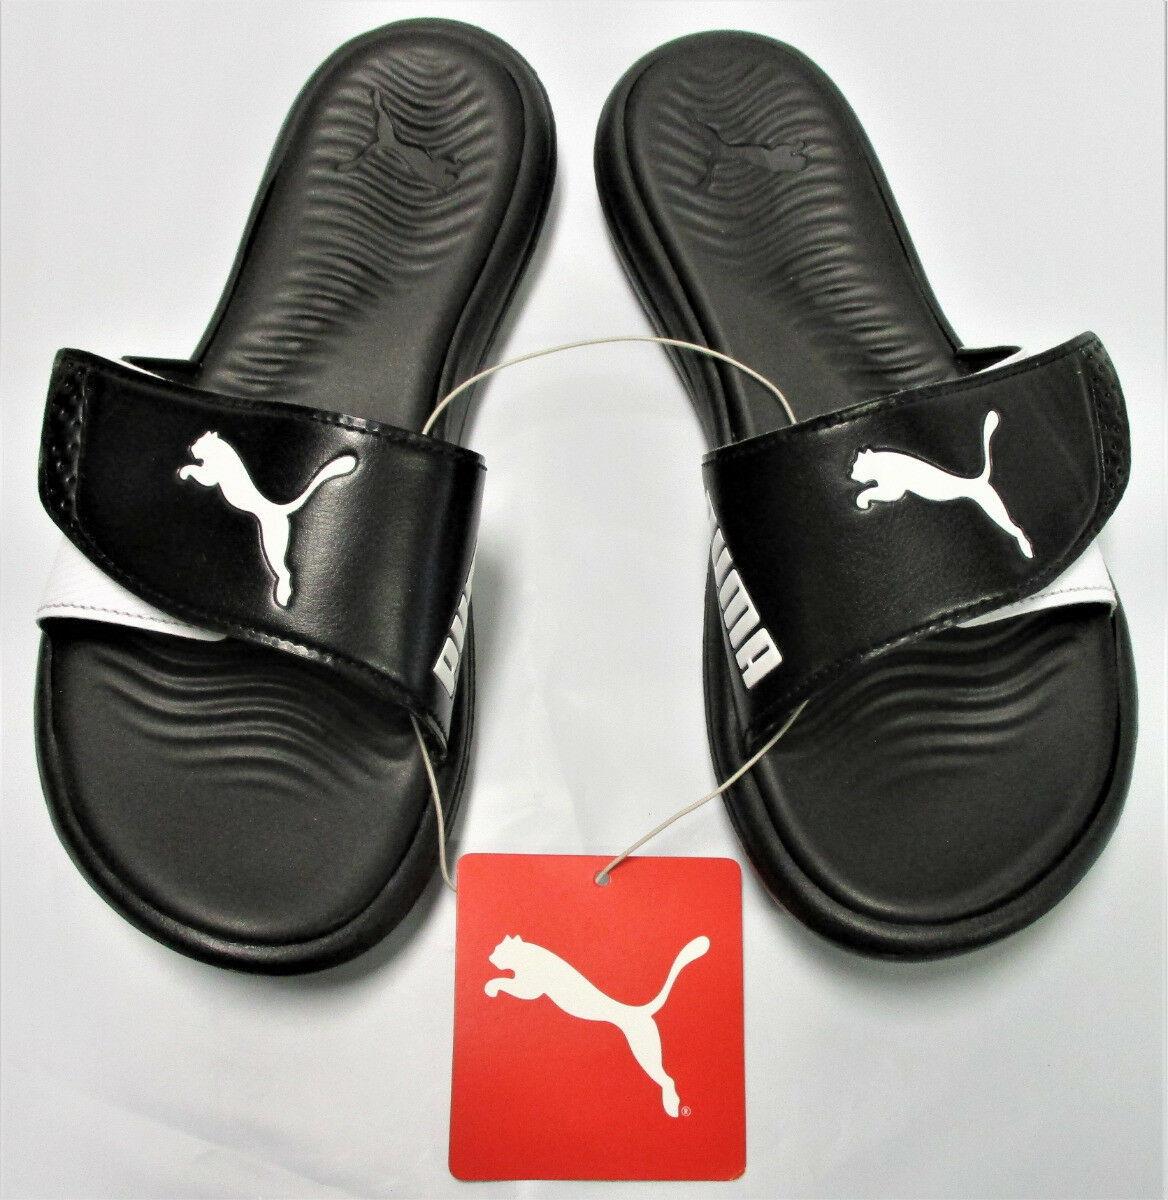 915a7e829460 PUMA Womens  Adjustable Strap Surfcat Slide Sandals - Black White - Size 8